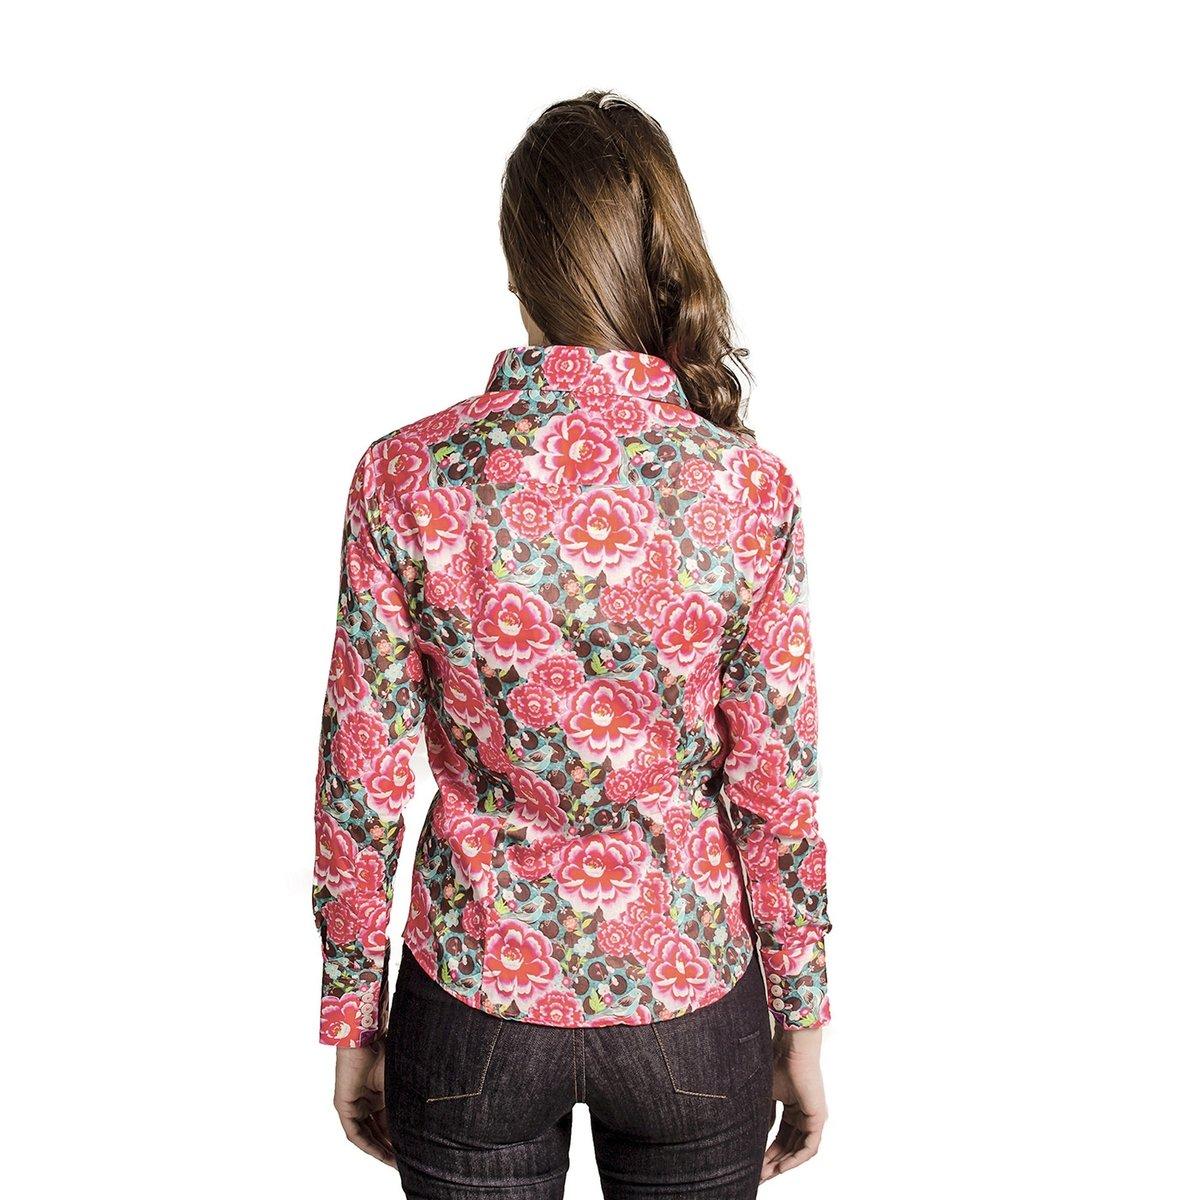 CAMISA CARLOS BRUSMAN FEMININA SLIM FLORIDA PINK - Pink - Compre ... d24262480c1fc